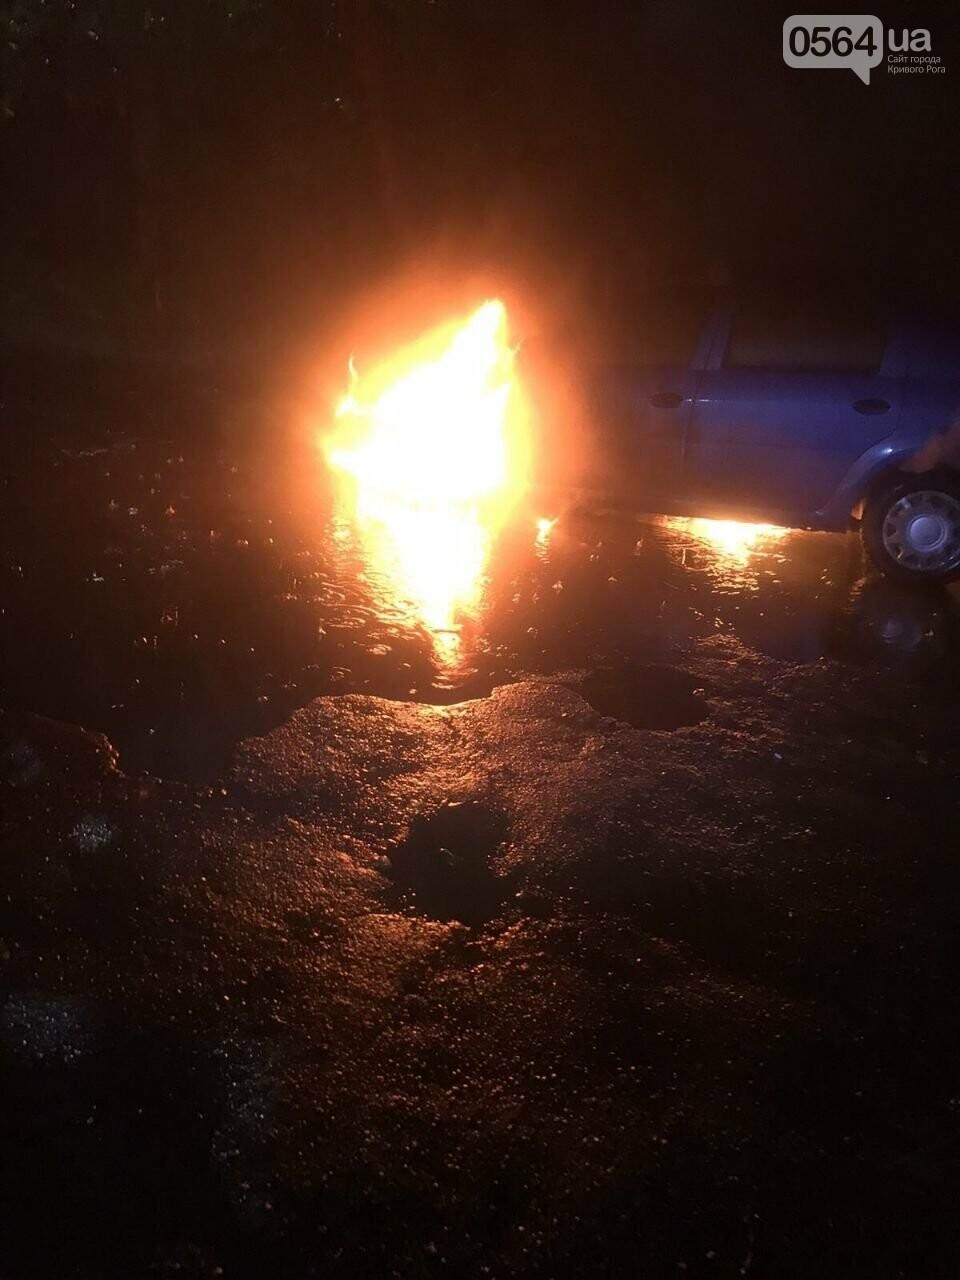 Ночью в Кривом Роге горел автомобиль, - ФОТО, фото-2